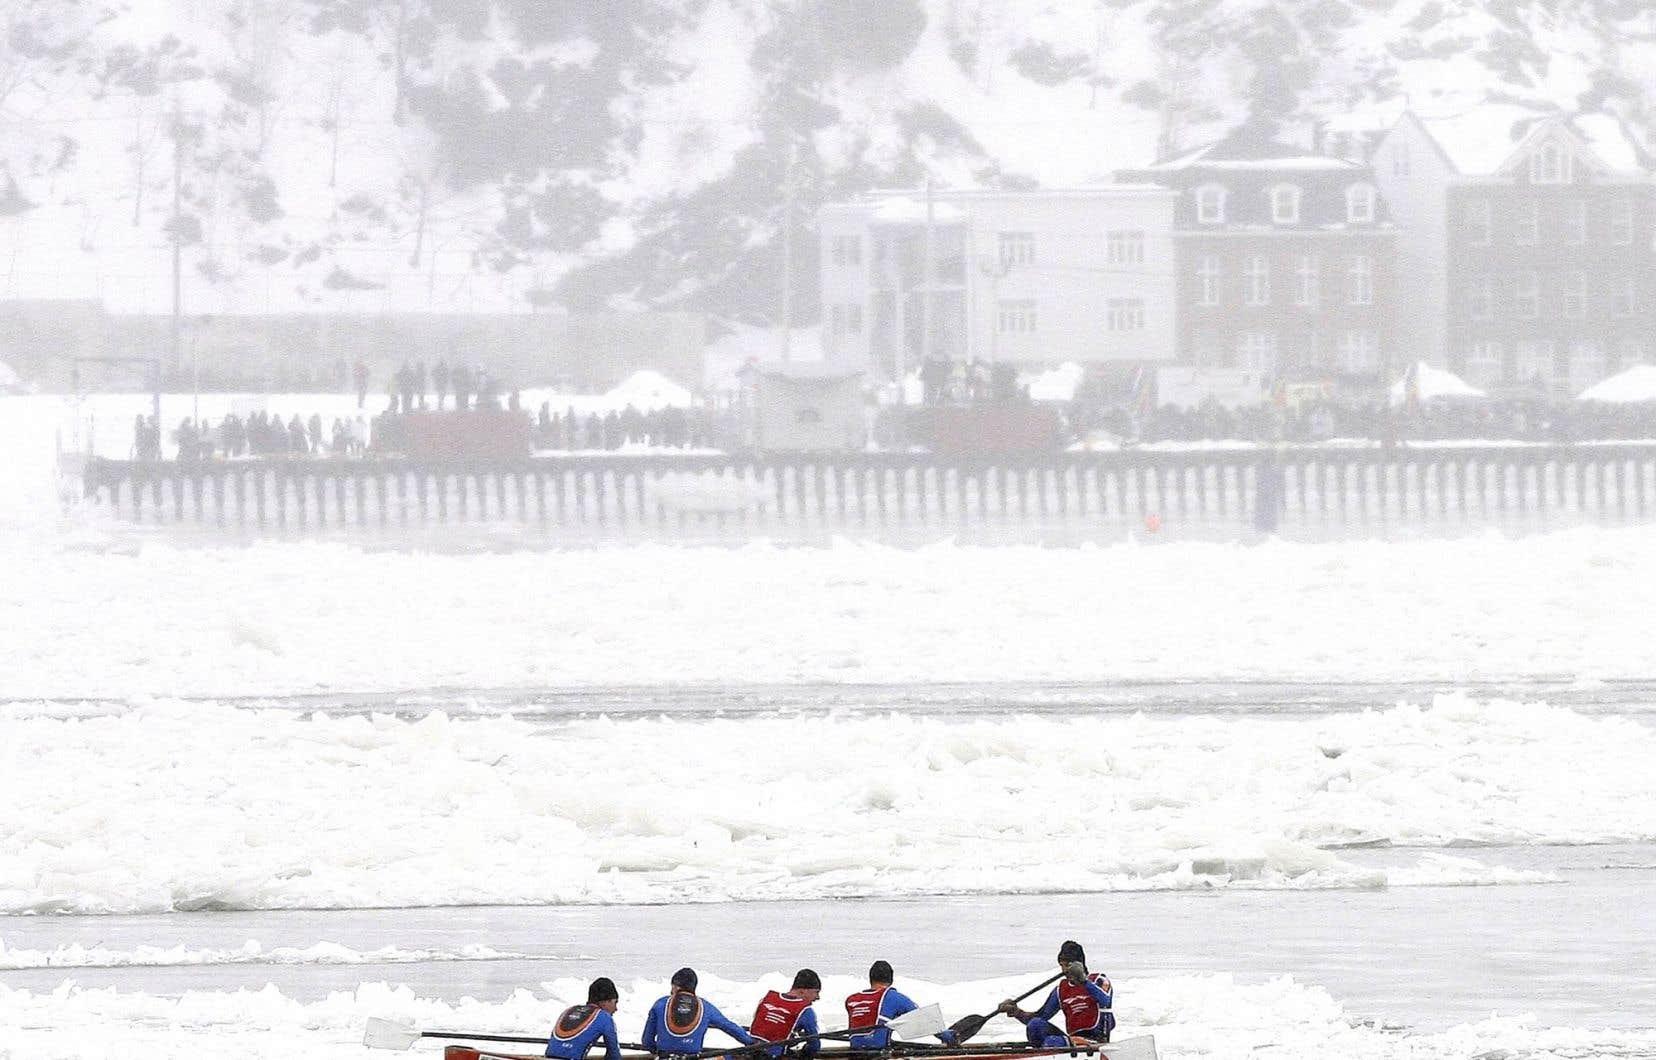 Avant d'être une performance sportive, le déplacement en canot à glace a longtemps été utilitaire pour circuler sur le fleuve en hiver.